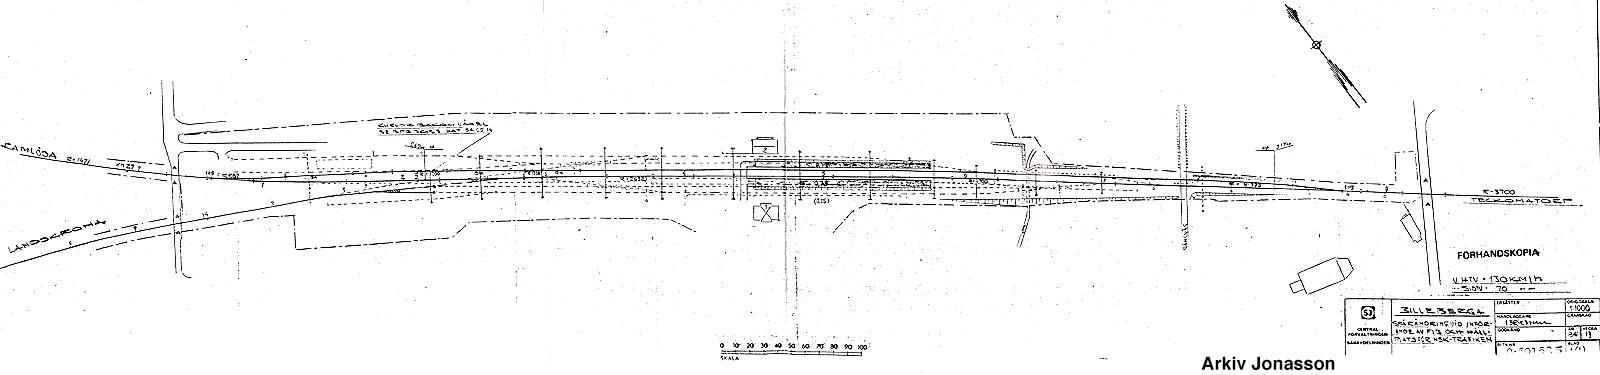 Billeberga spårplan 1986